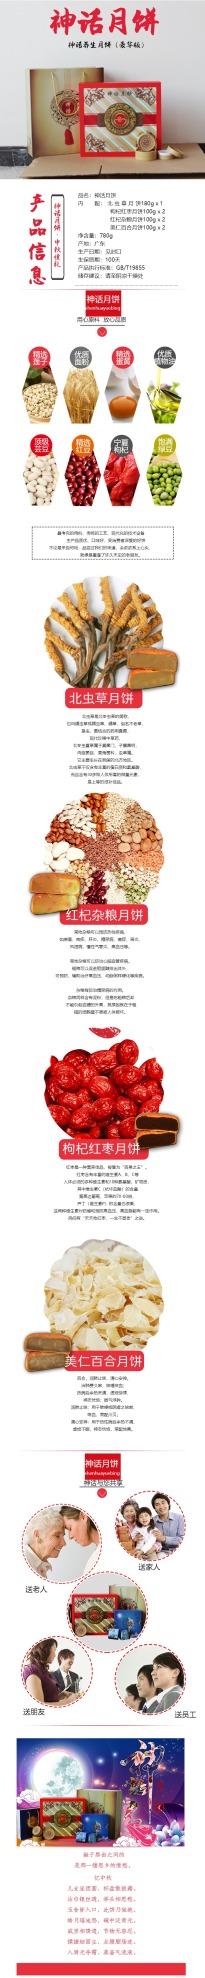 简约大气百货零售中秋糕点月饼促销电商详情页